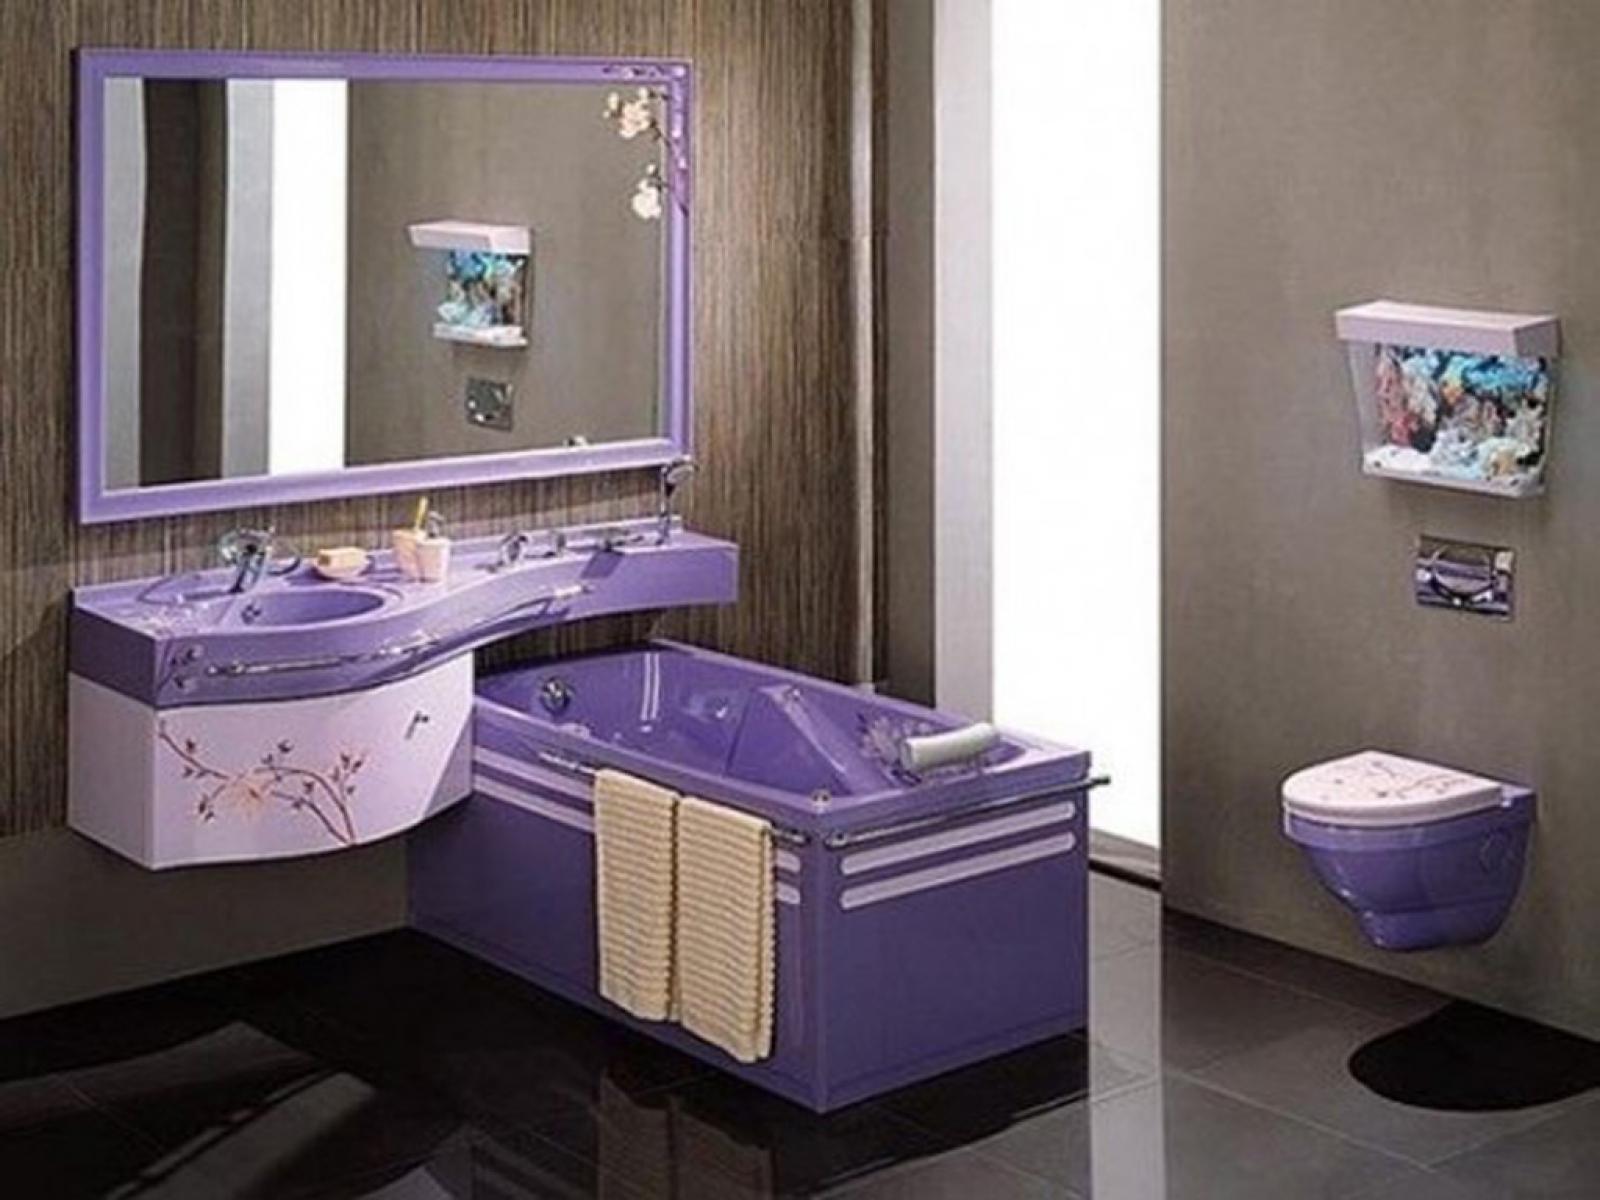 Композитная сантехника в ванной из материалов, которые не царапаются